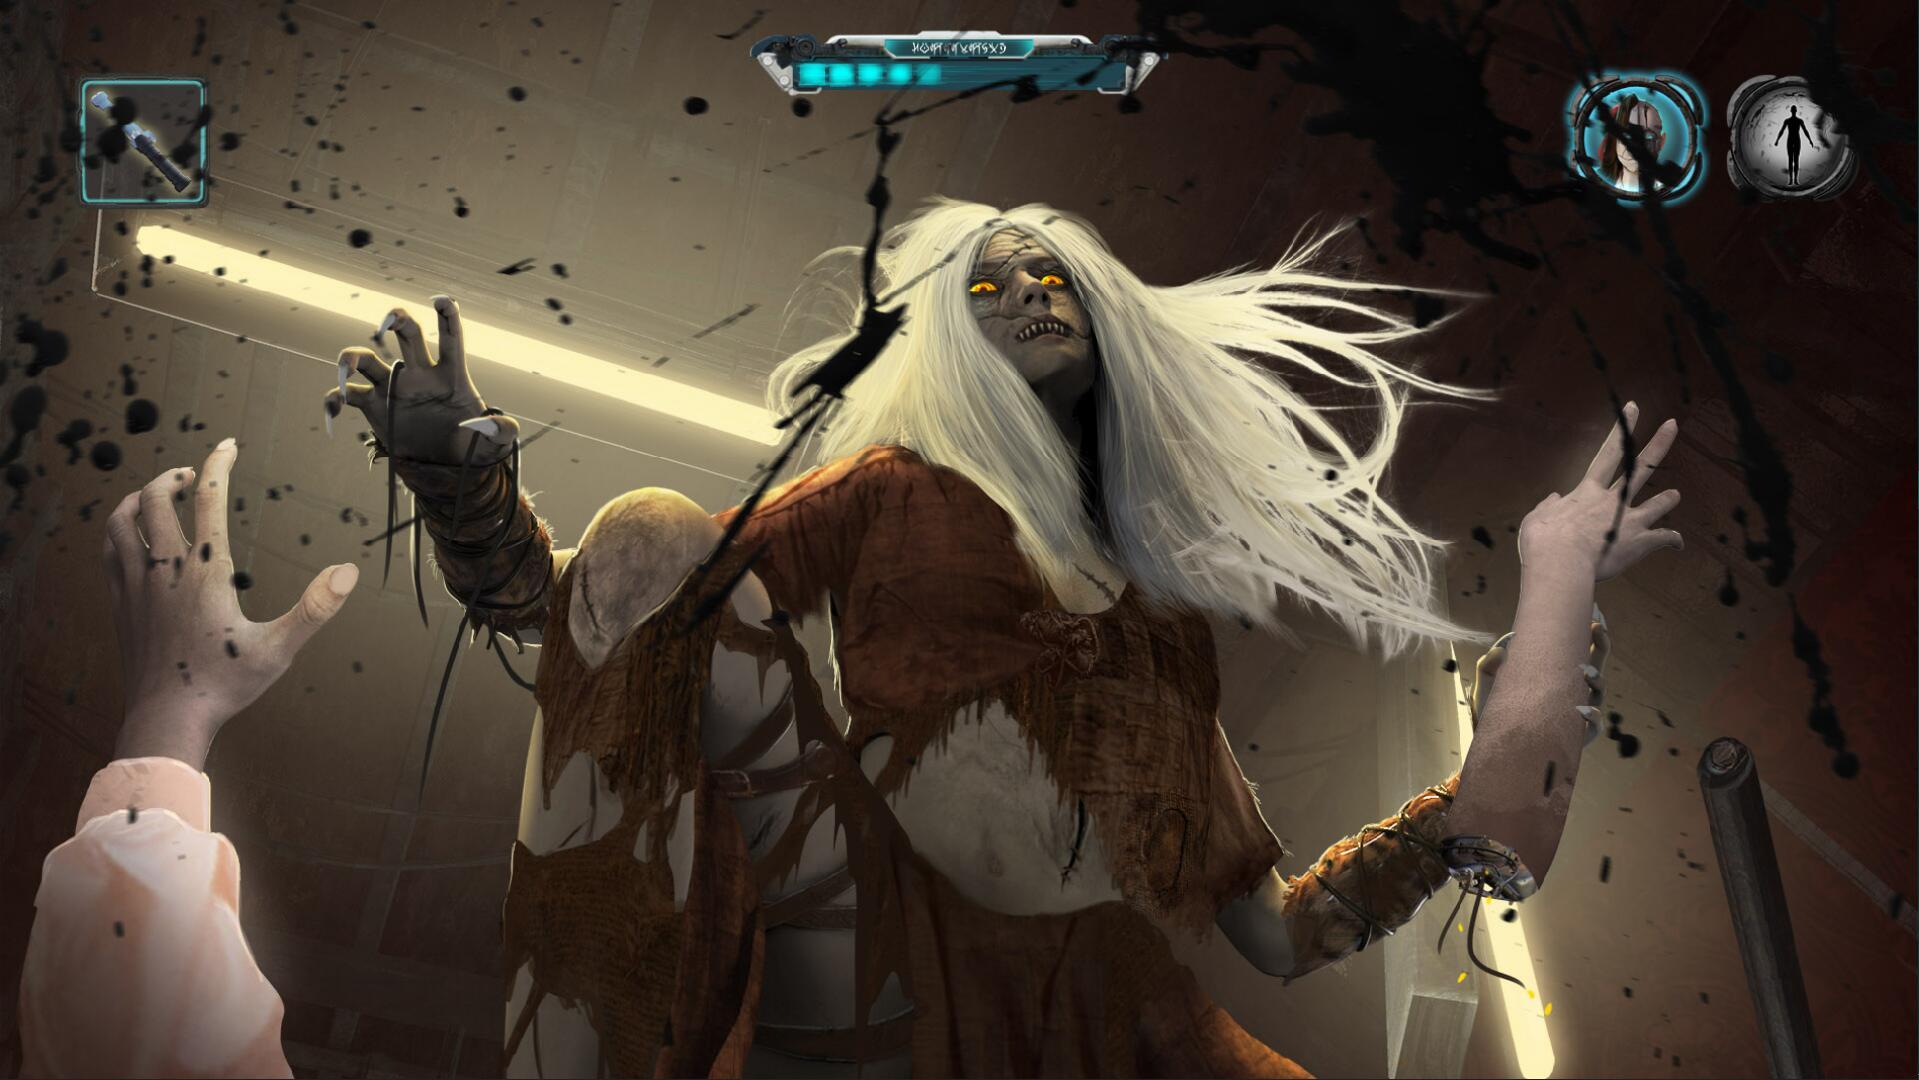 赛博朋克风冒险游戏《米诺陶》9月6日发售EA版本